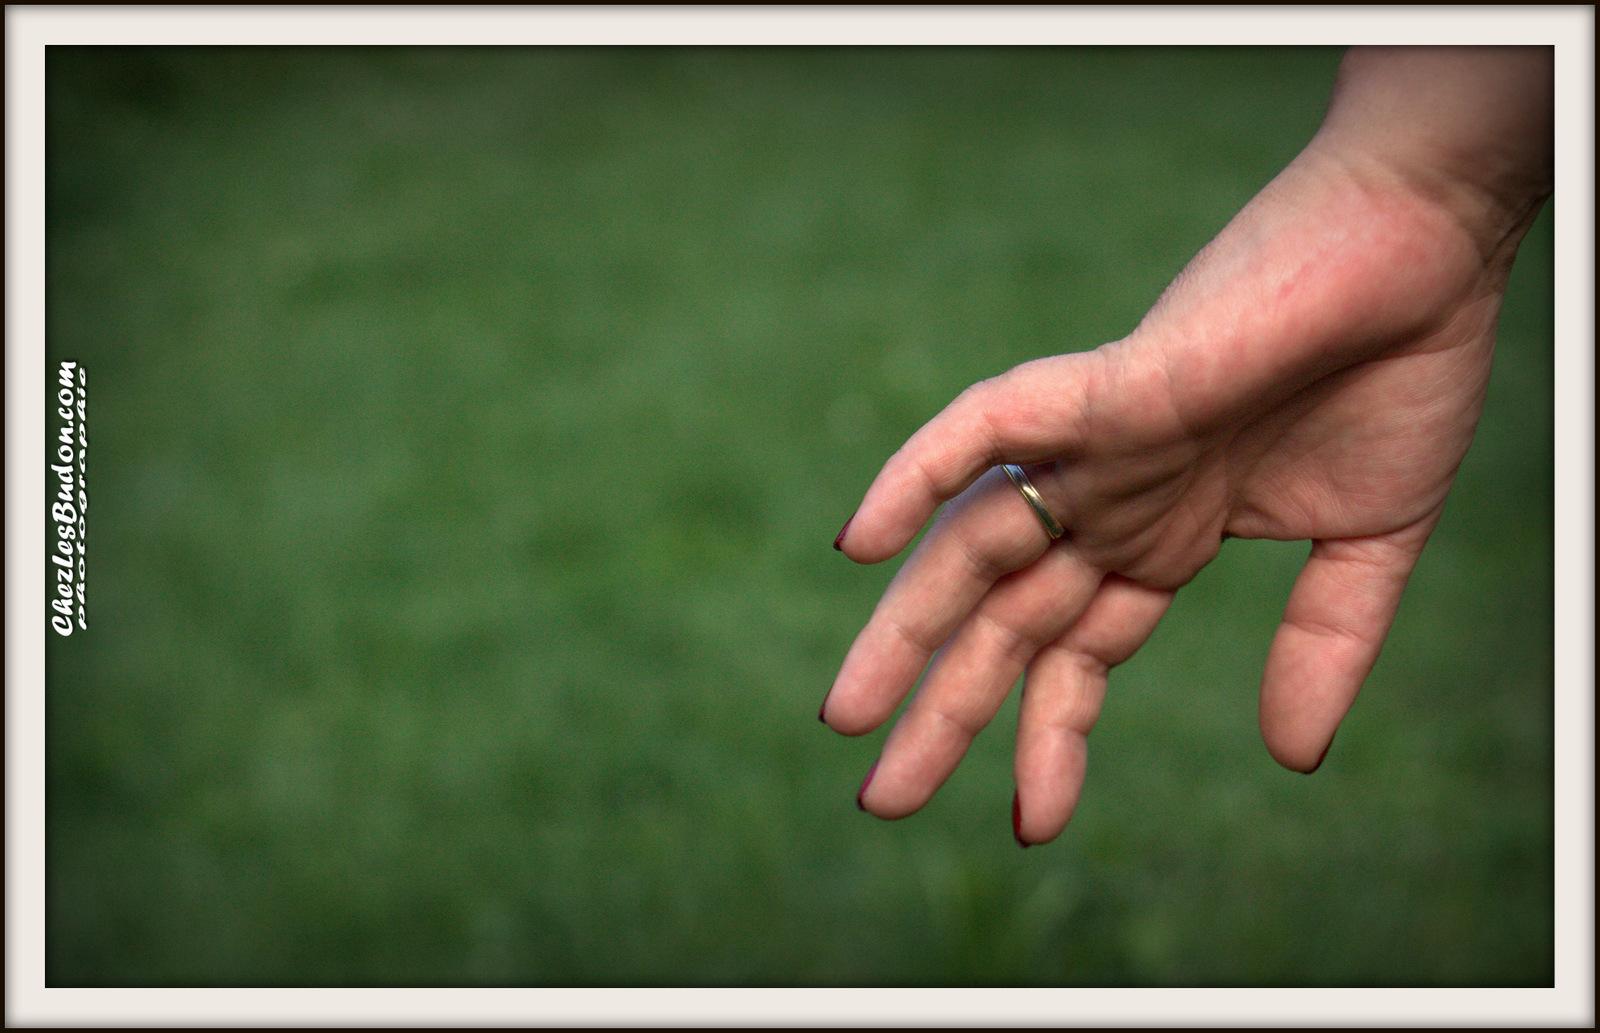 Les cinq doigts